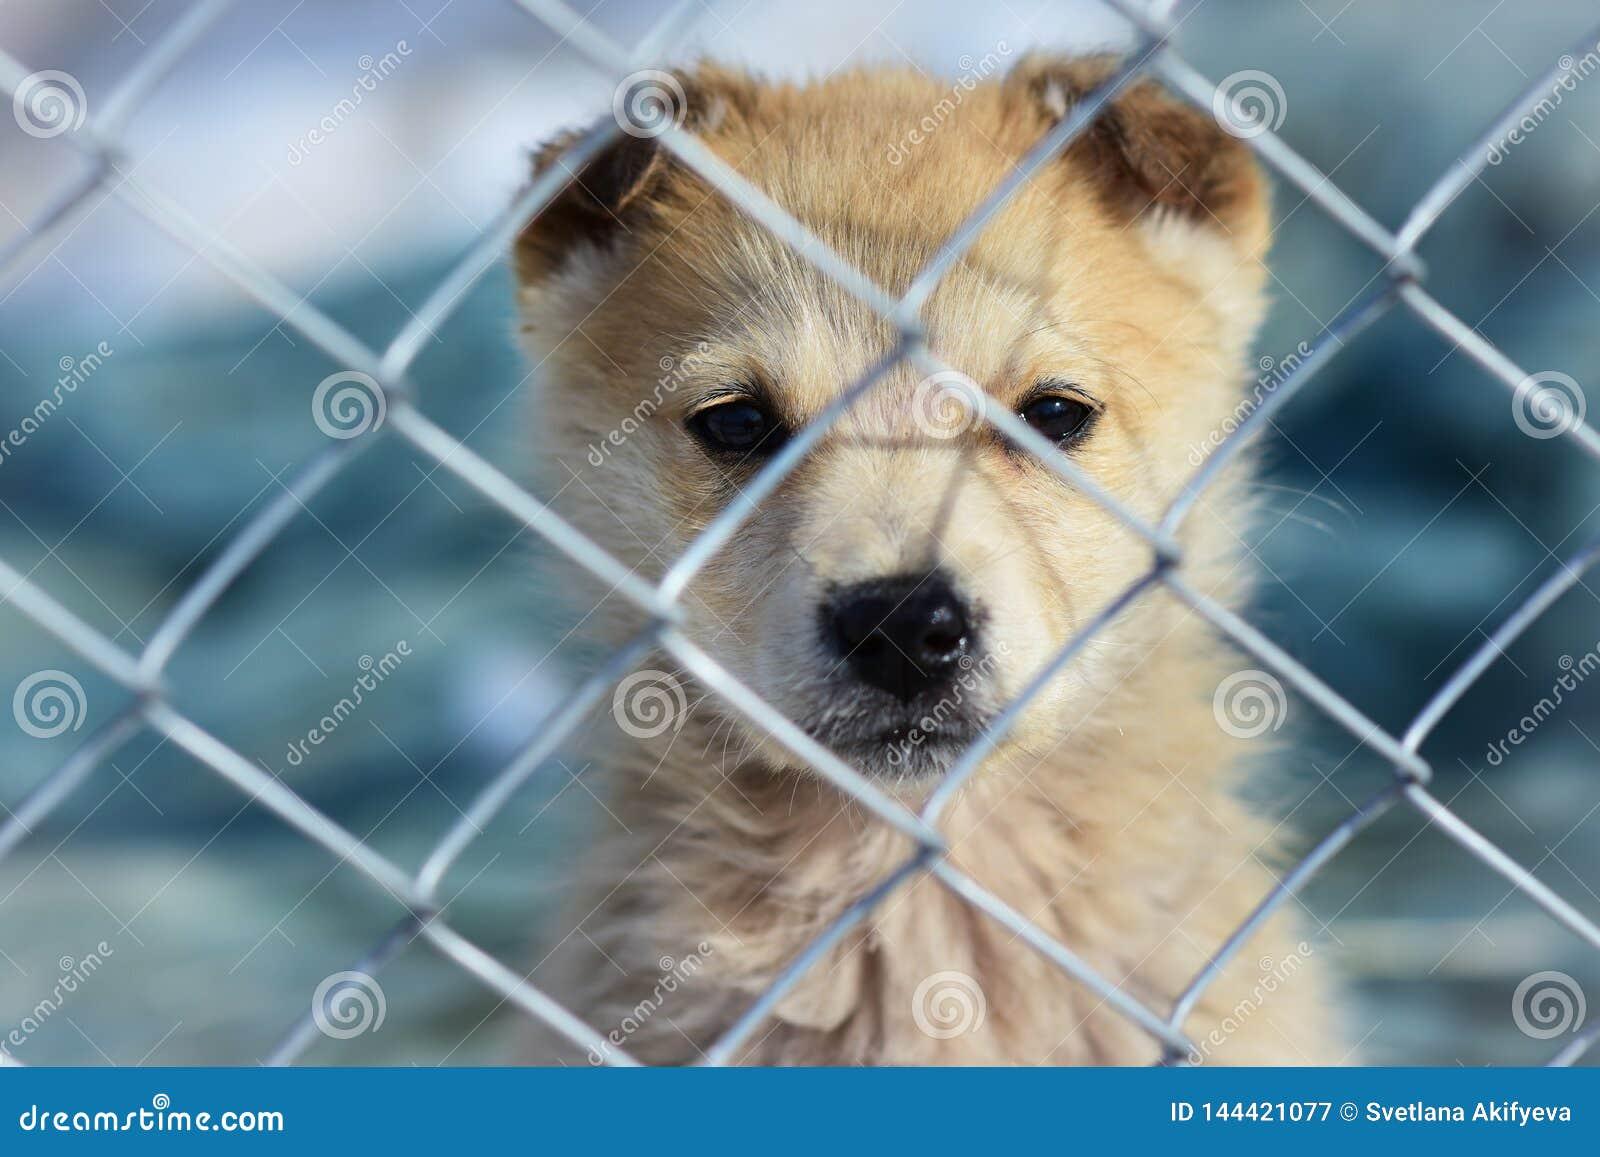 Портрет щенка через бары в приюте для животных